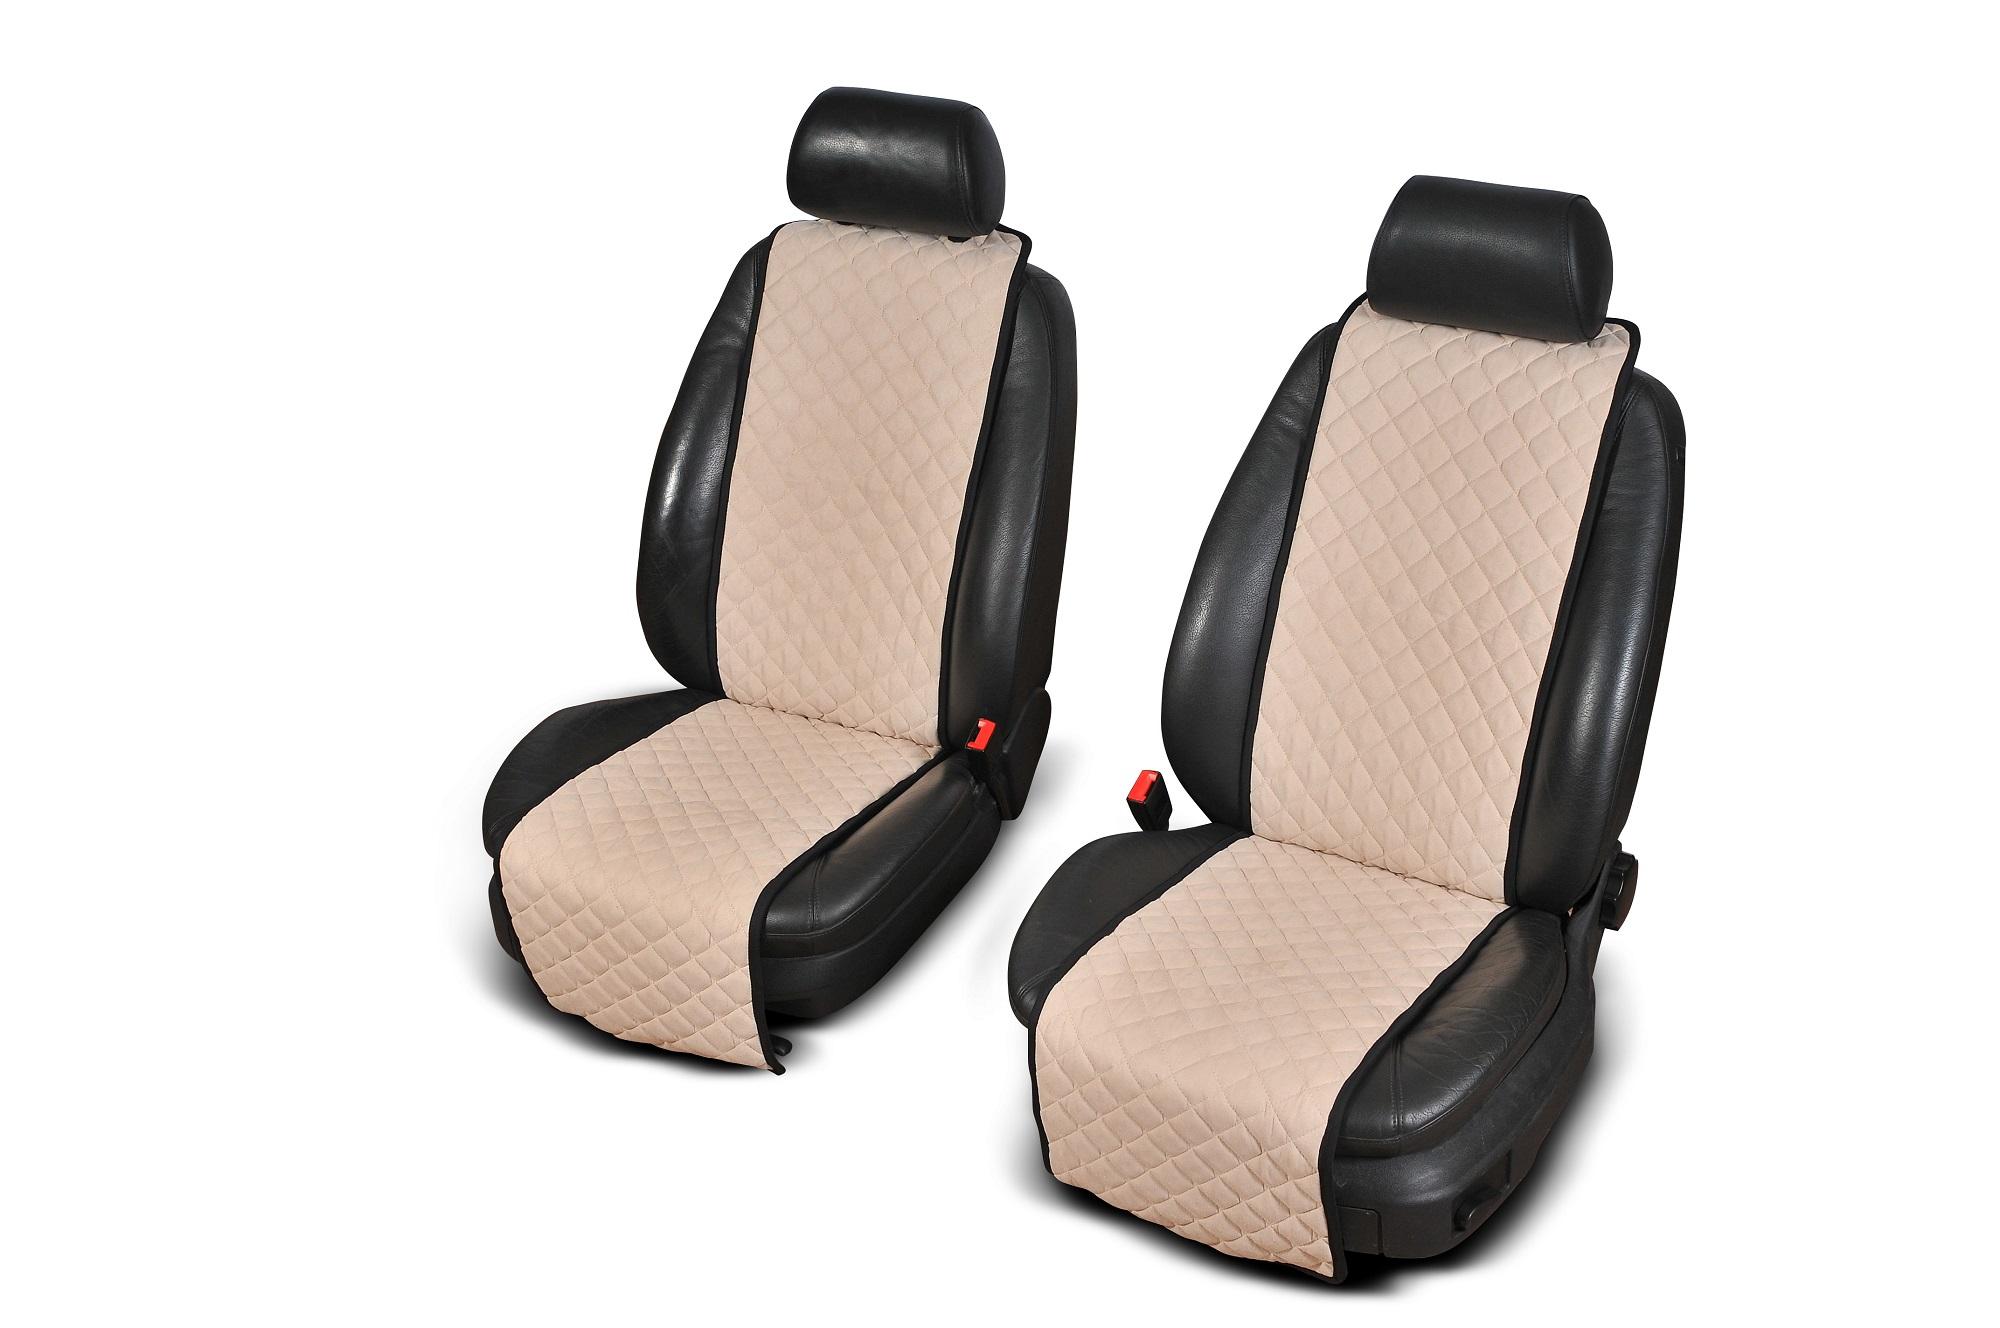 Autopotahy Cantra - Standardní. 2x autopotahy na přední sedadla Barva: Růžová